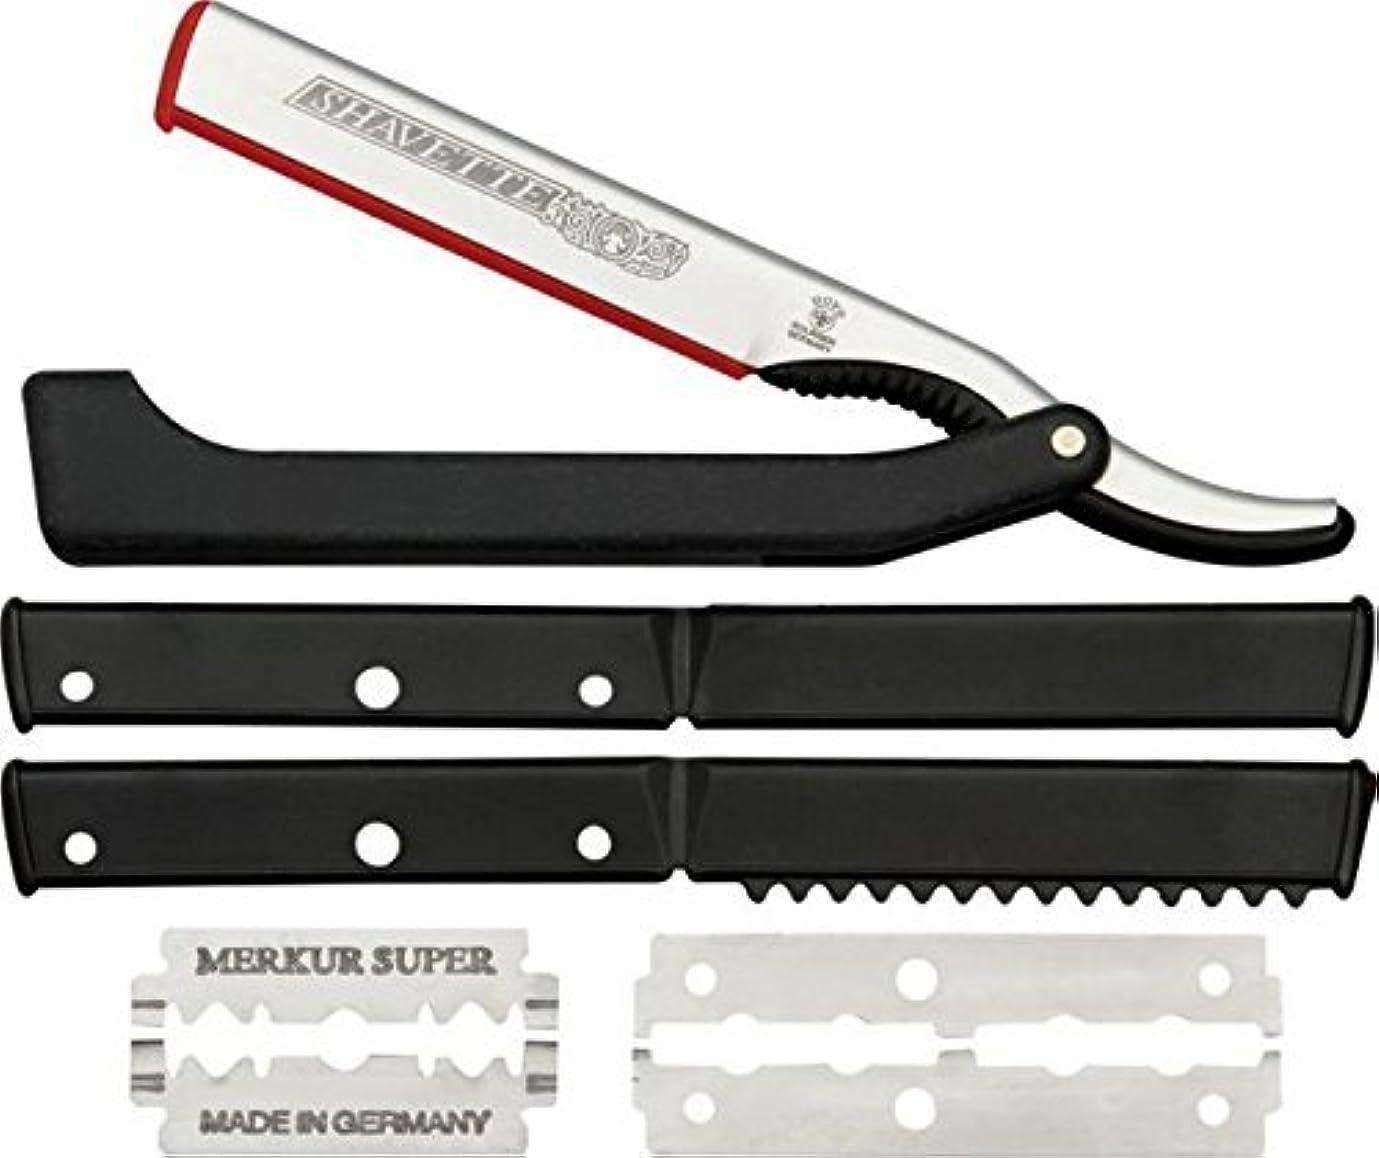 副産物不誠実建築DOVO Solingen - Shavette, straight edge razor, changeable blade, 201081